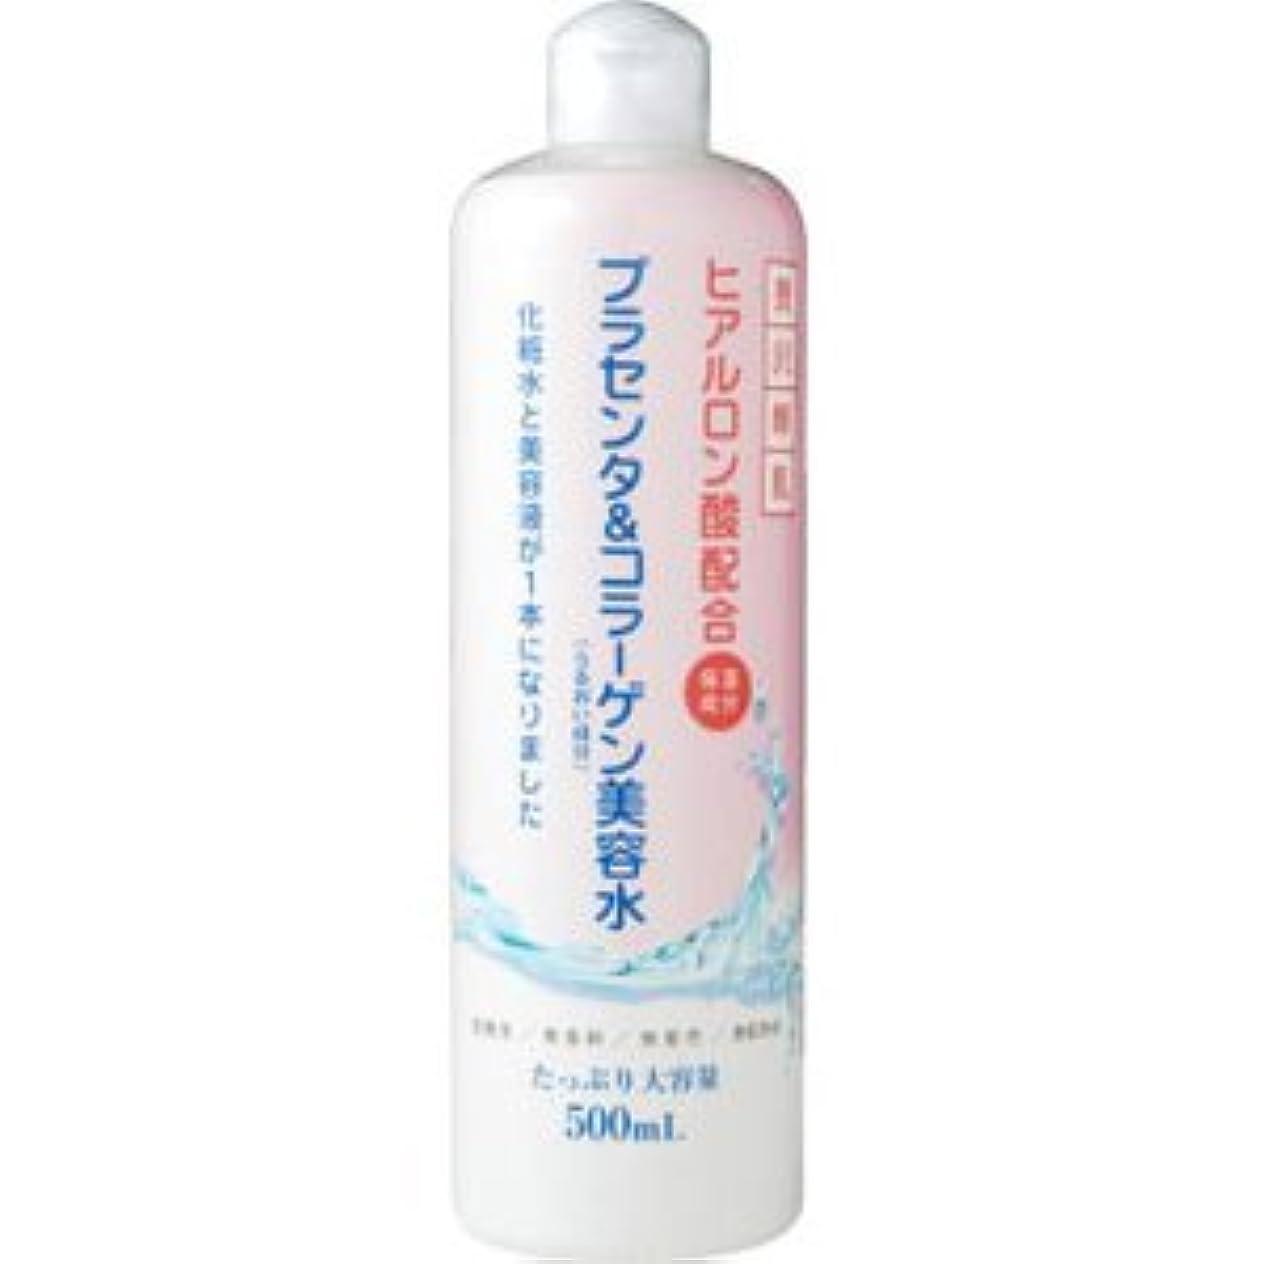 レールに渡って機会化粧水?美容液がこの1本!大容量サイズ?低価格『贅沢輝肌 美容水』 (プラセンタ&コラーゲン)